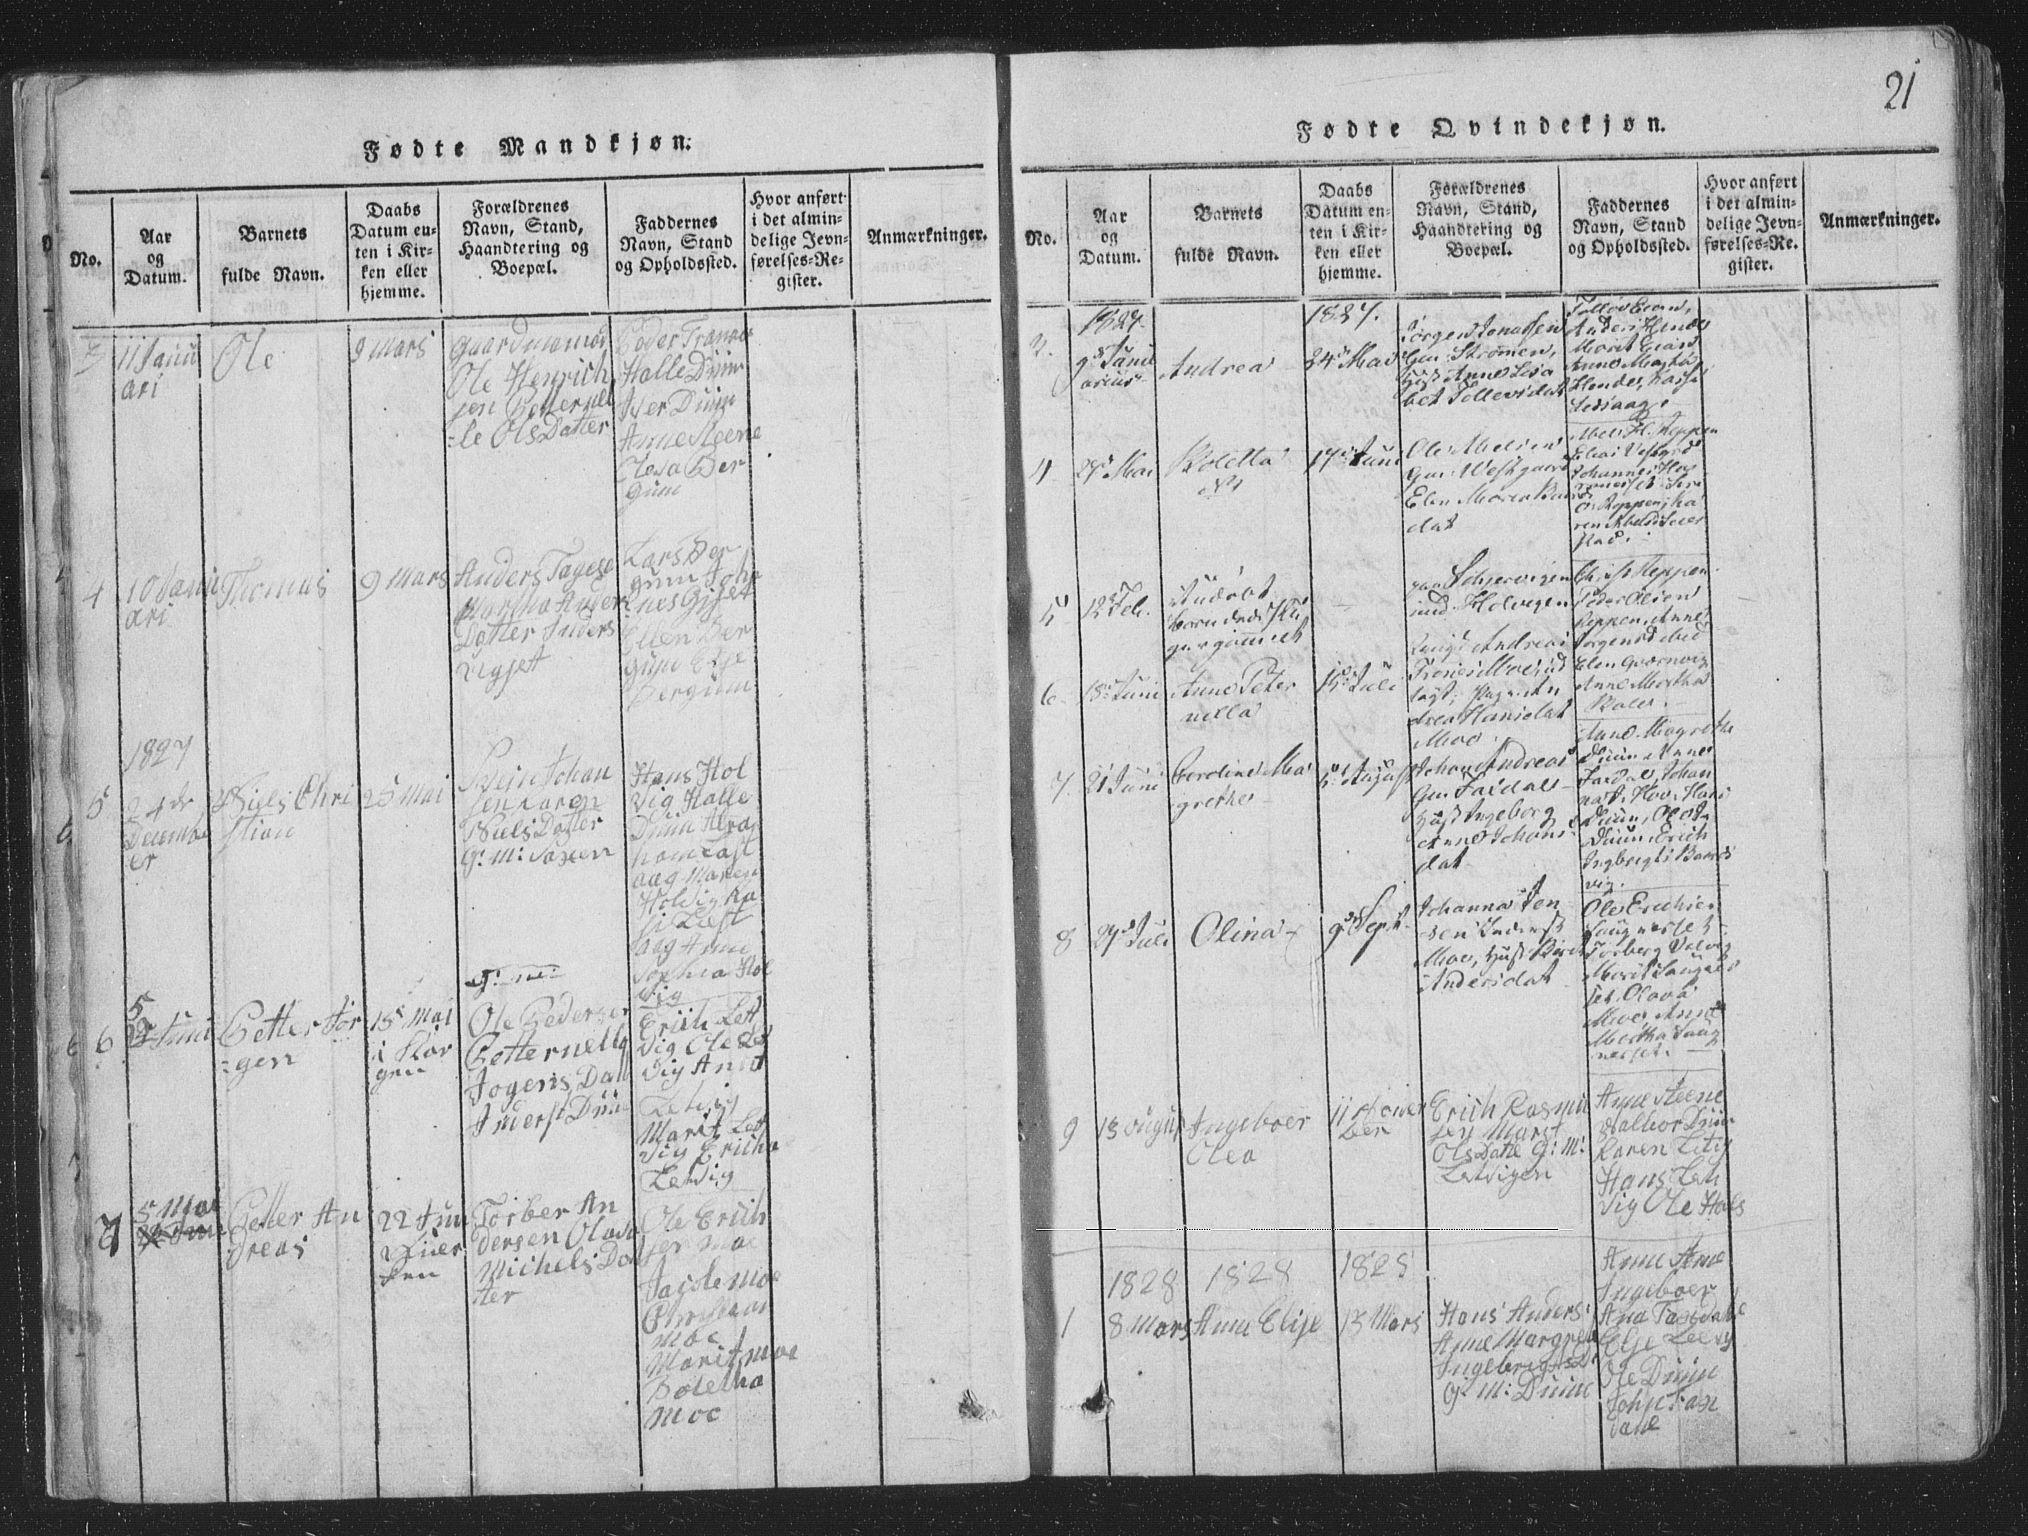 SAT, Ministerialprotokoller, klokkerbøker og fødselsregistre - Nord-Trøndelag, 773/L0613: Ministerialbok nr. 773A04, 1815-1845, s. 21